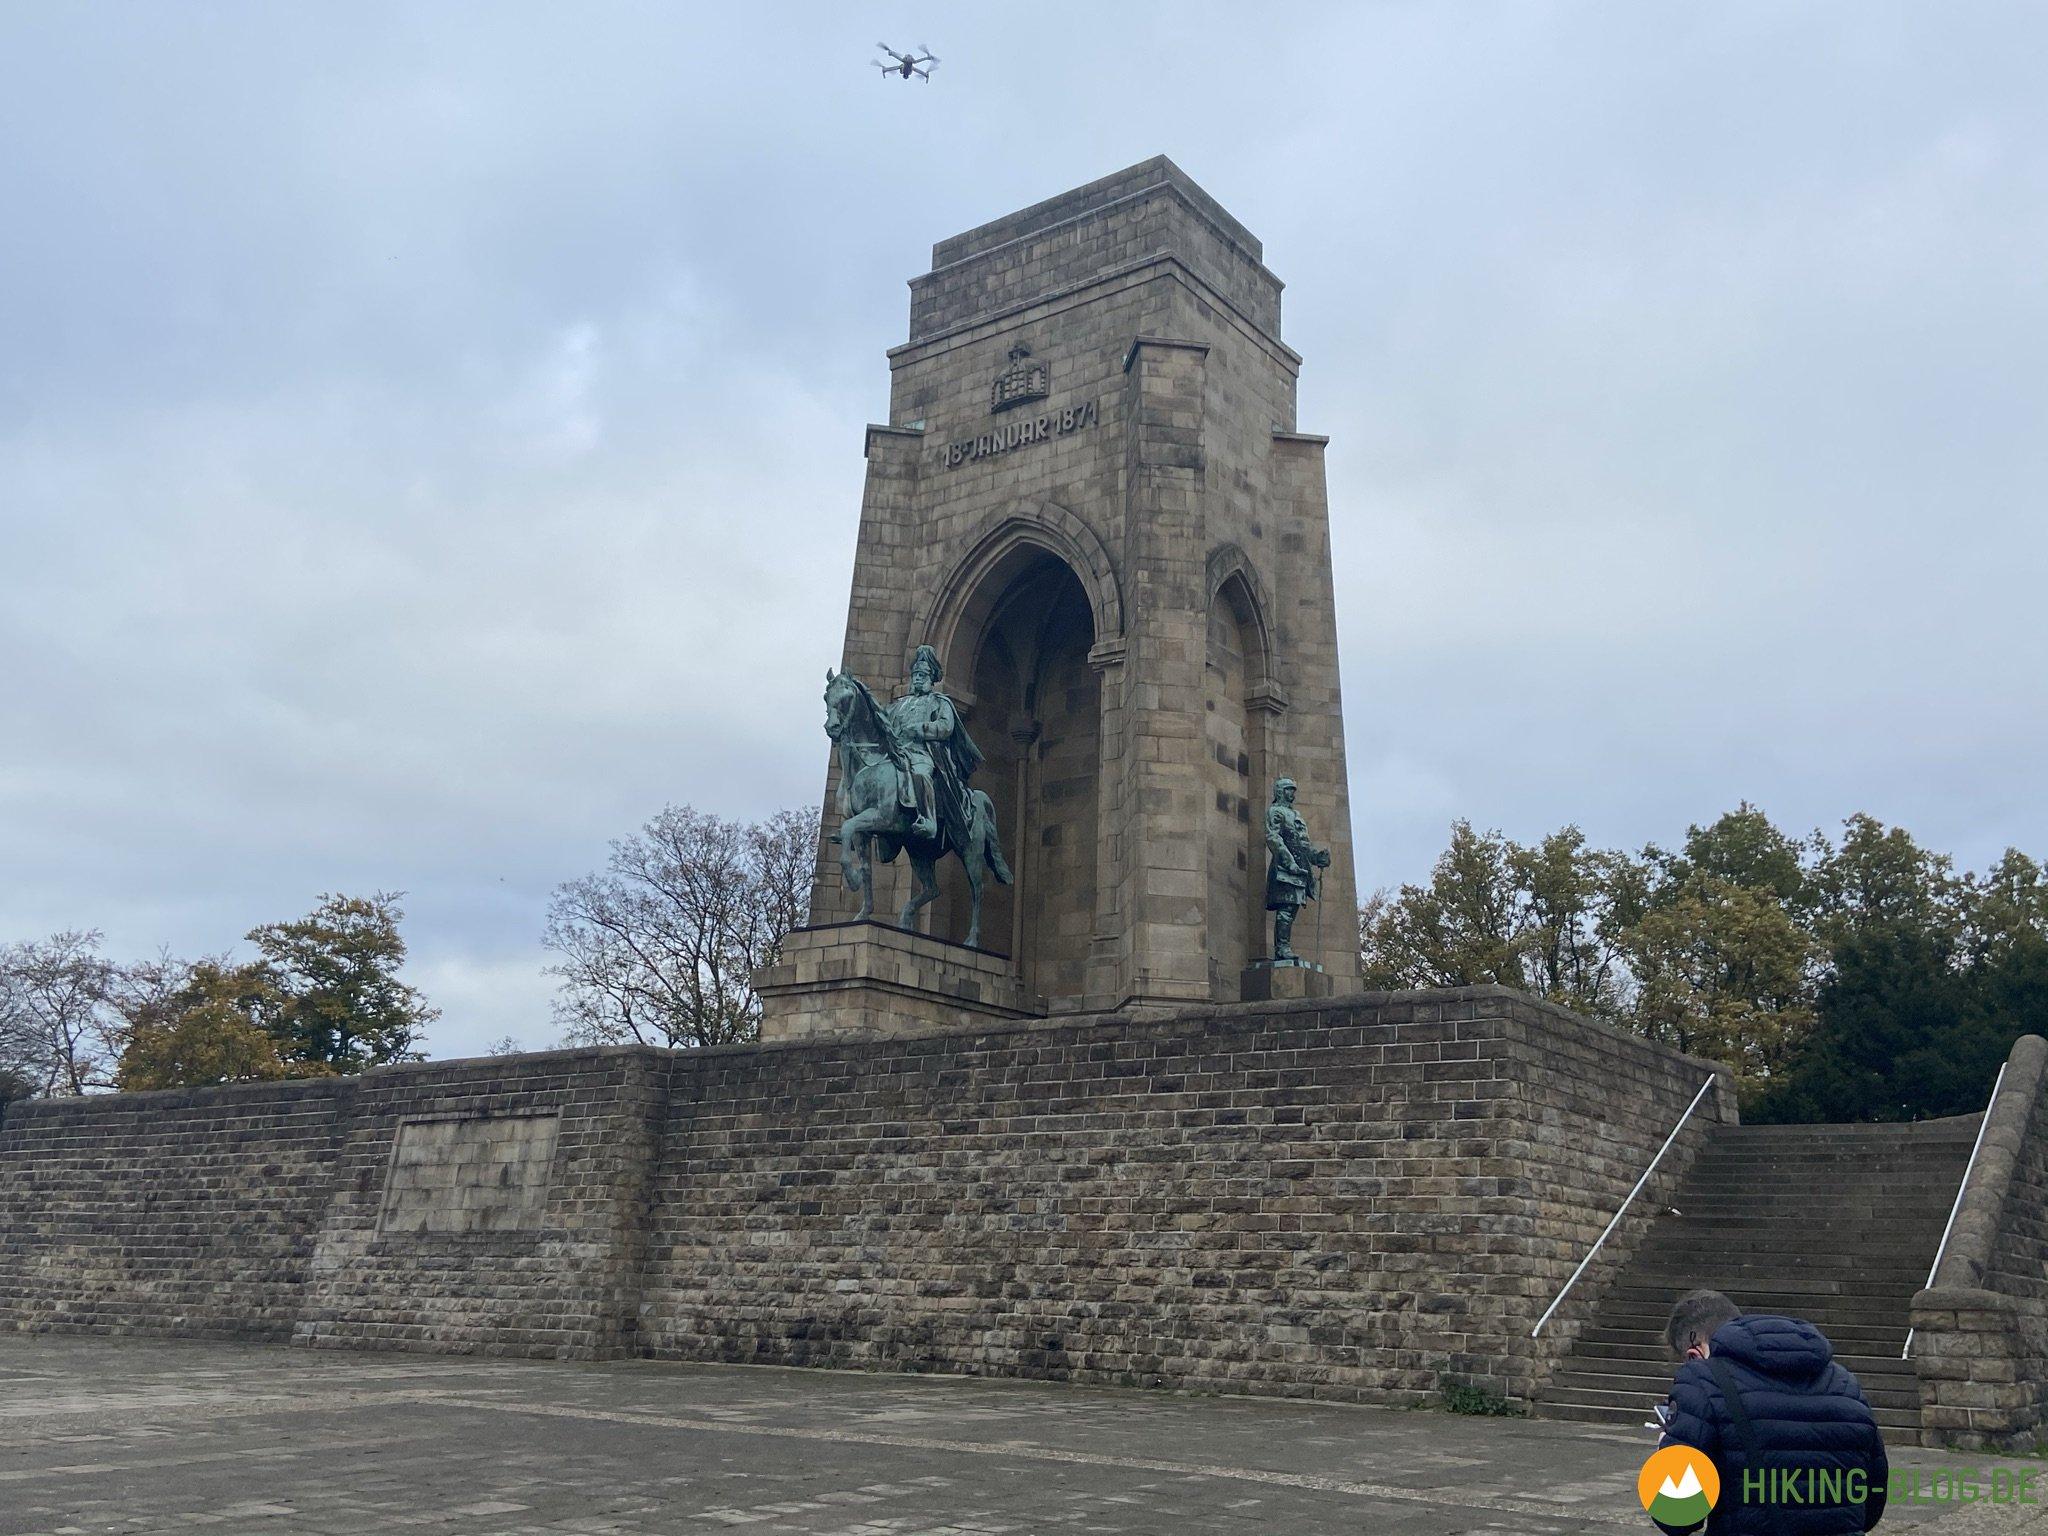 Filmdreh mit Drohne am Kaiser-Wilhelm-Denkmal